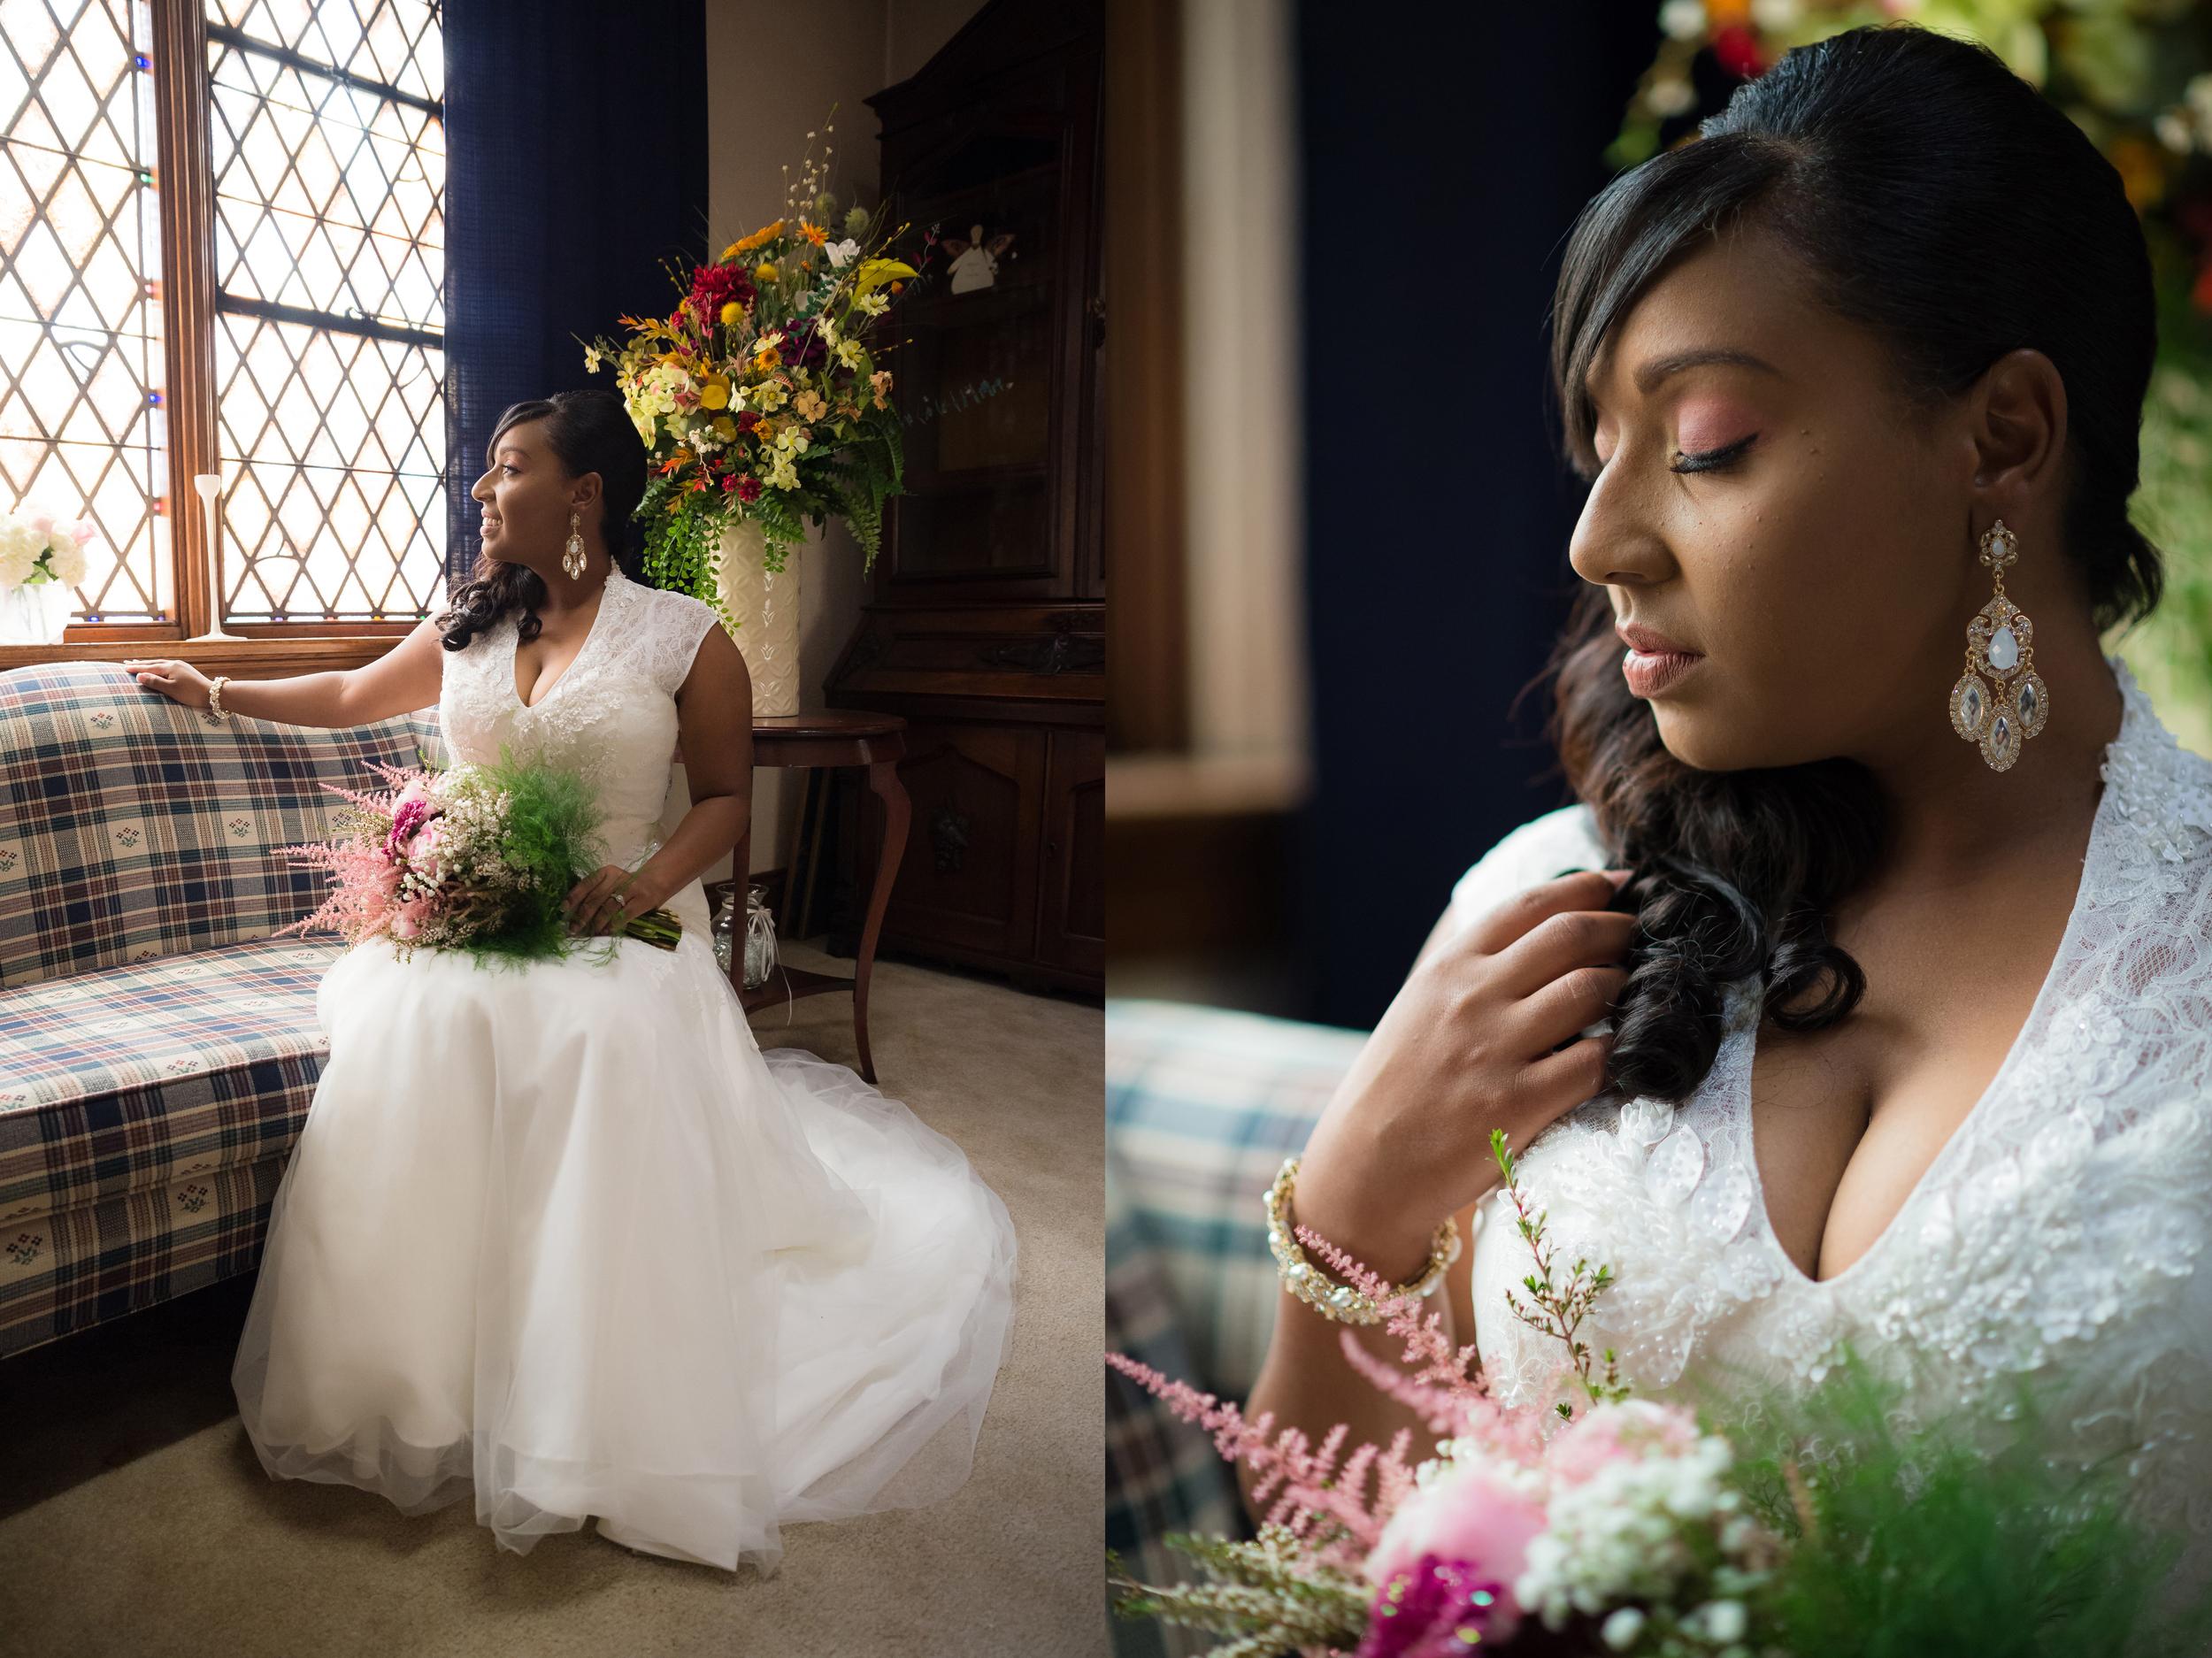 Isela-Josh-Wedding-Garcia-Photography-3605-3592.jpg